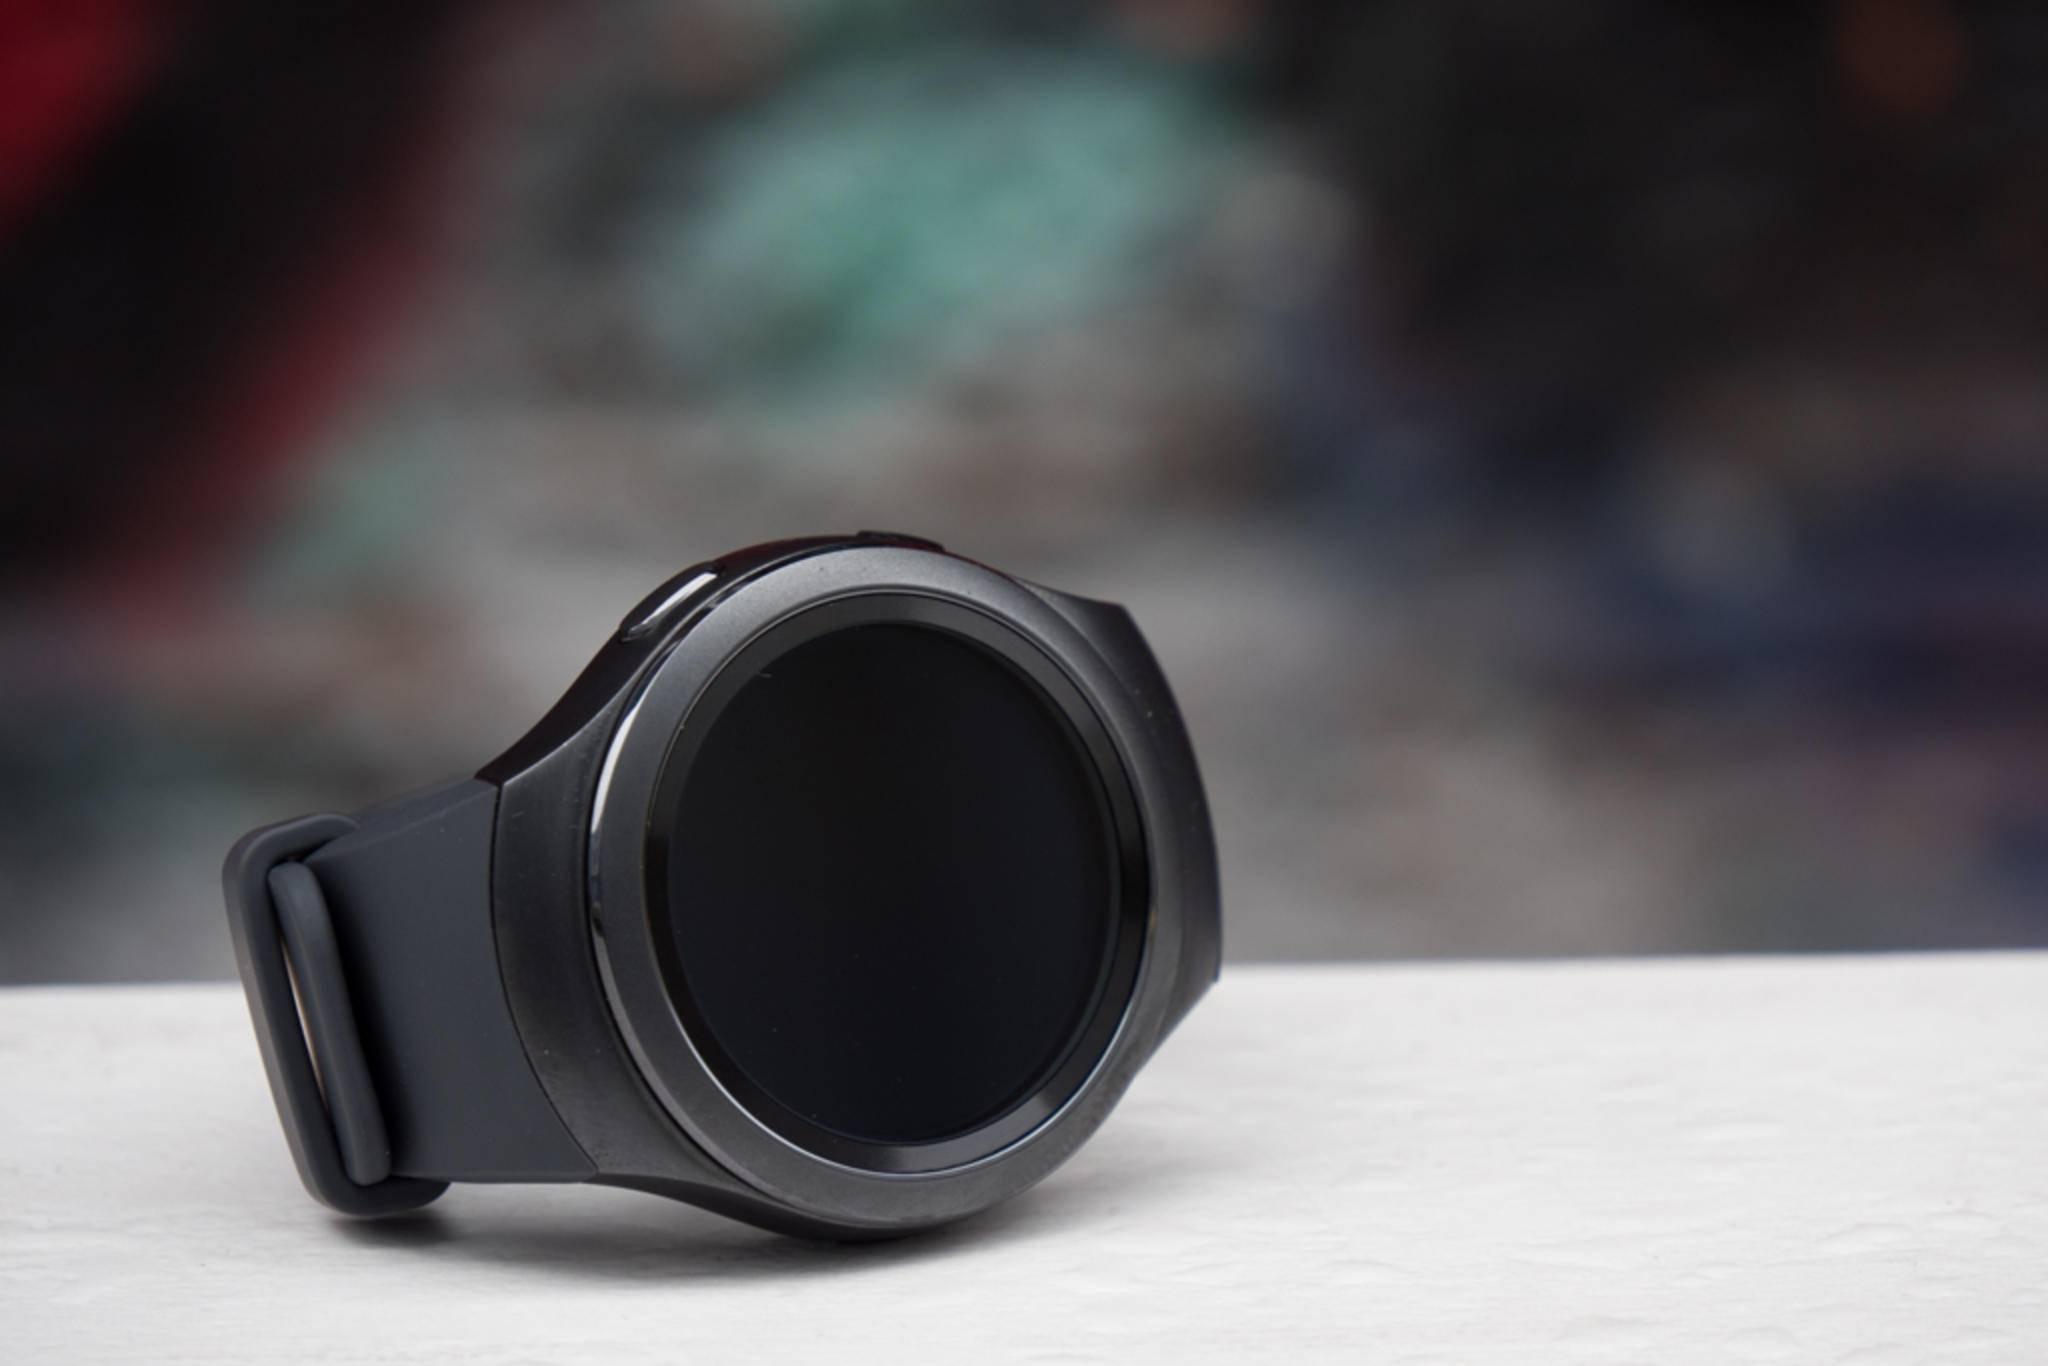 Die Samsung Gear S2 wurde auf der IFA 2015 vorgestellt.